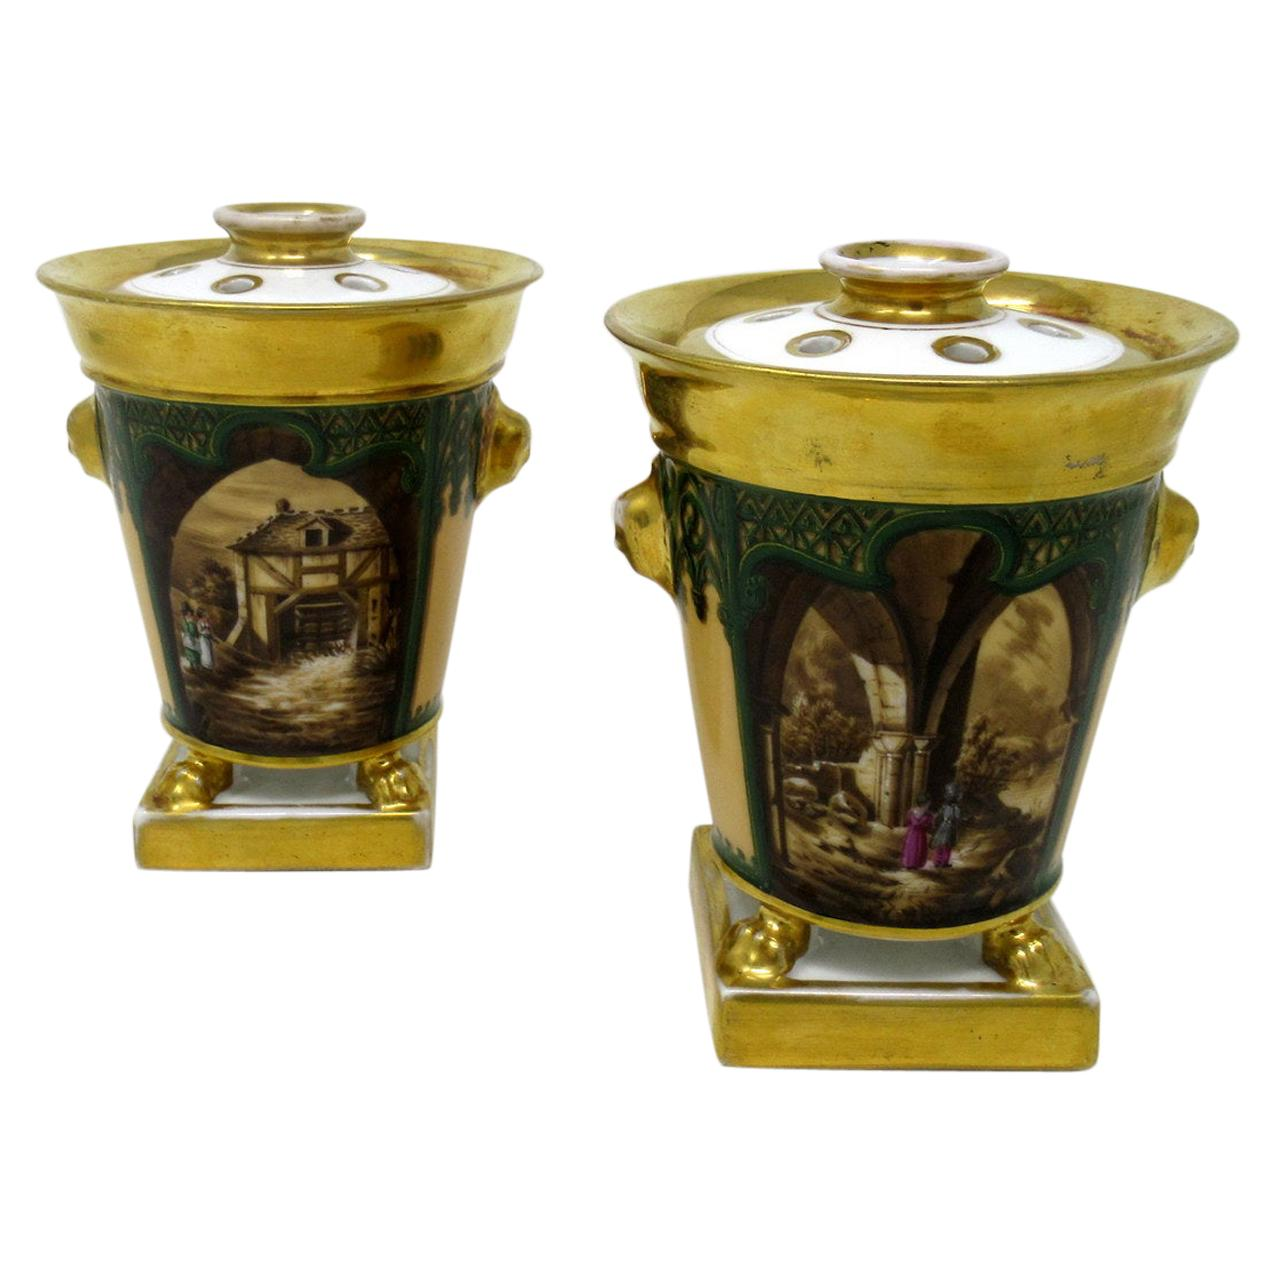 Paris Porcelain Gilt Bough Pots Pourri Vases by Darte Frères Palais Royal, Pair